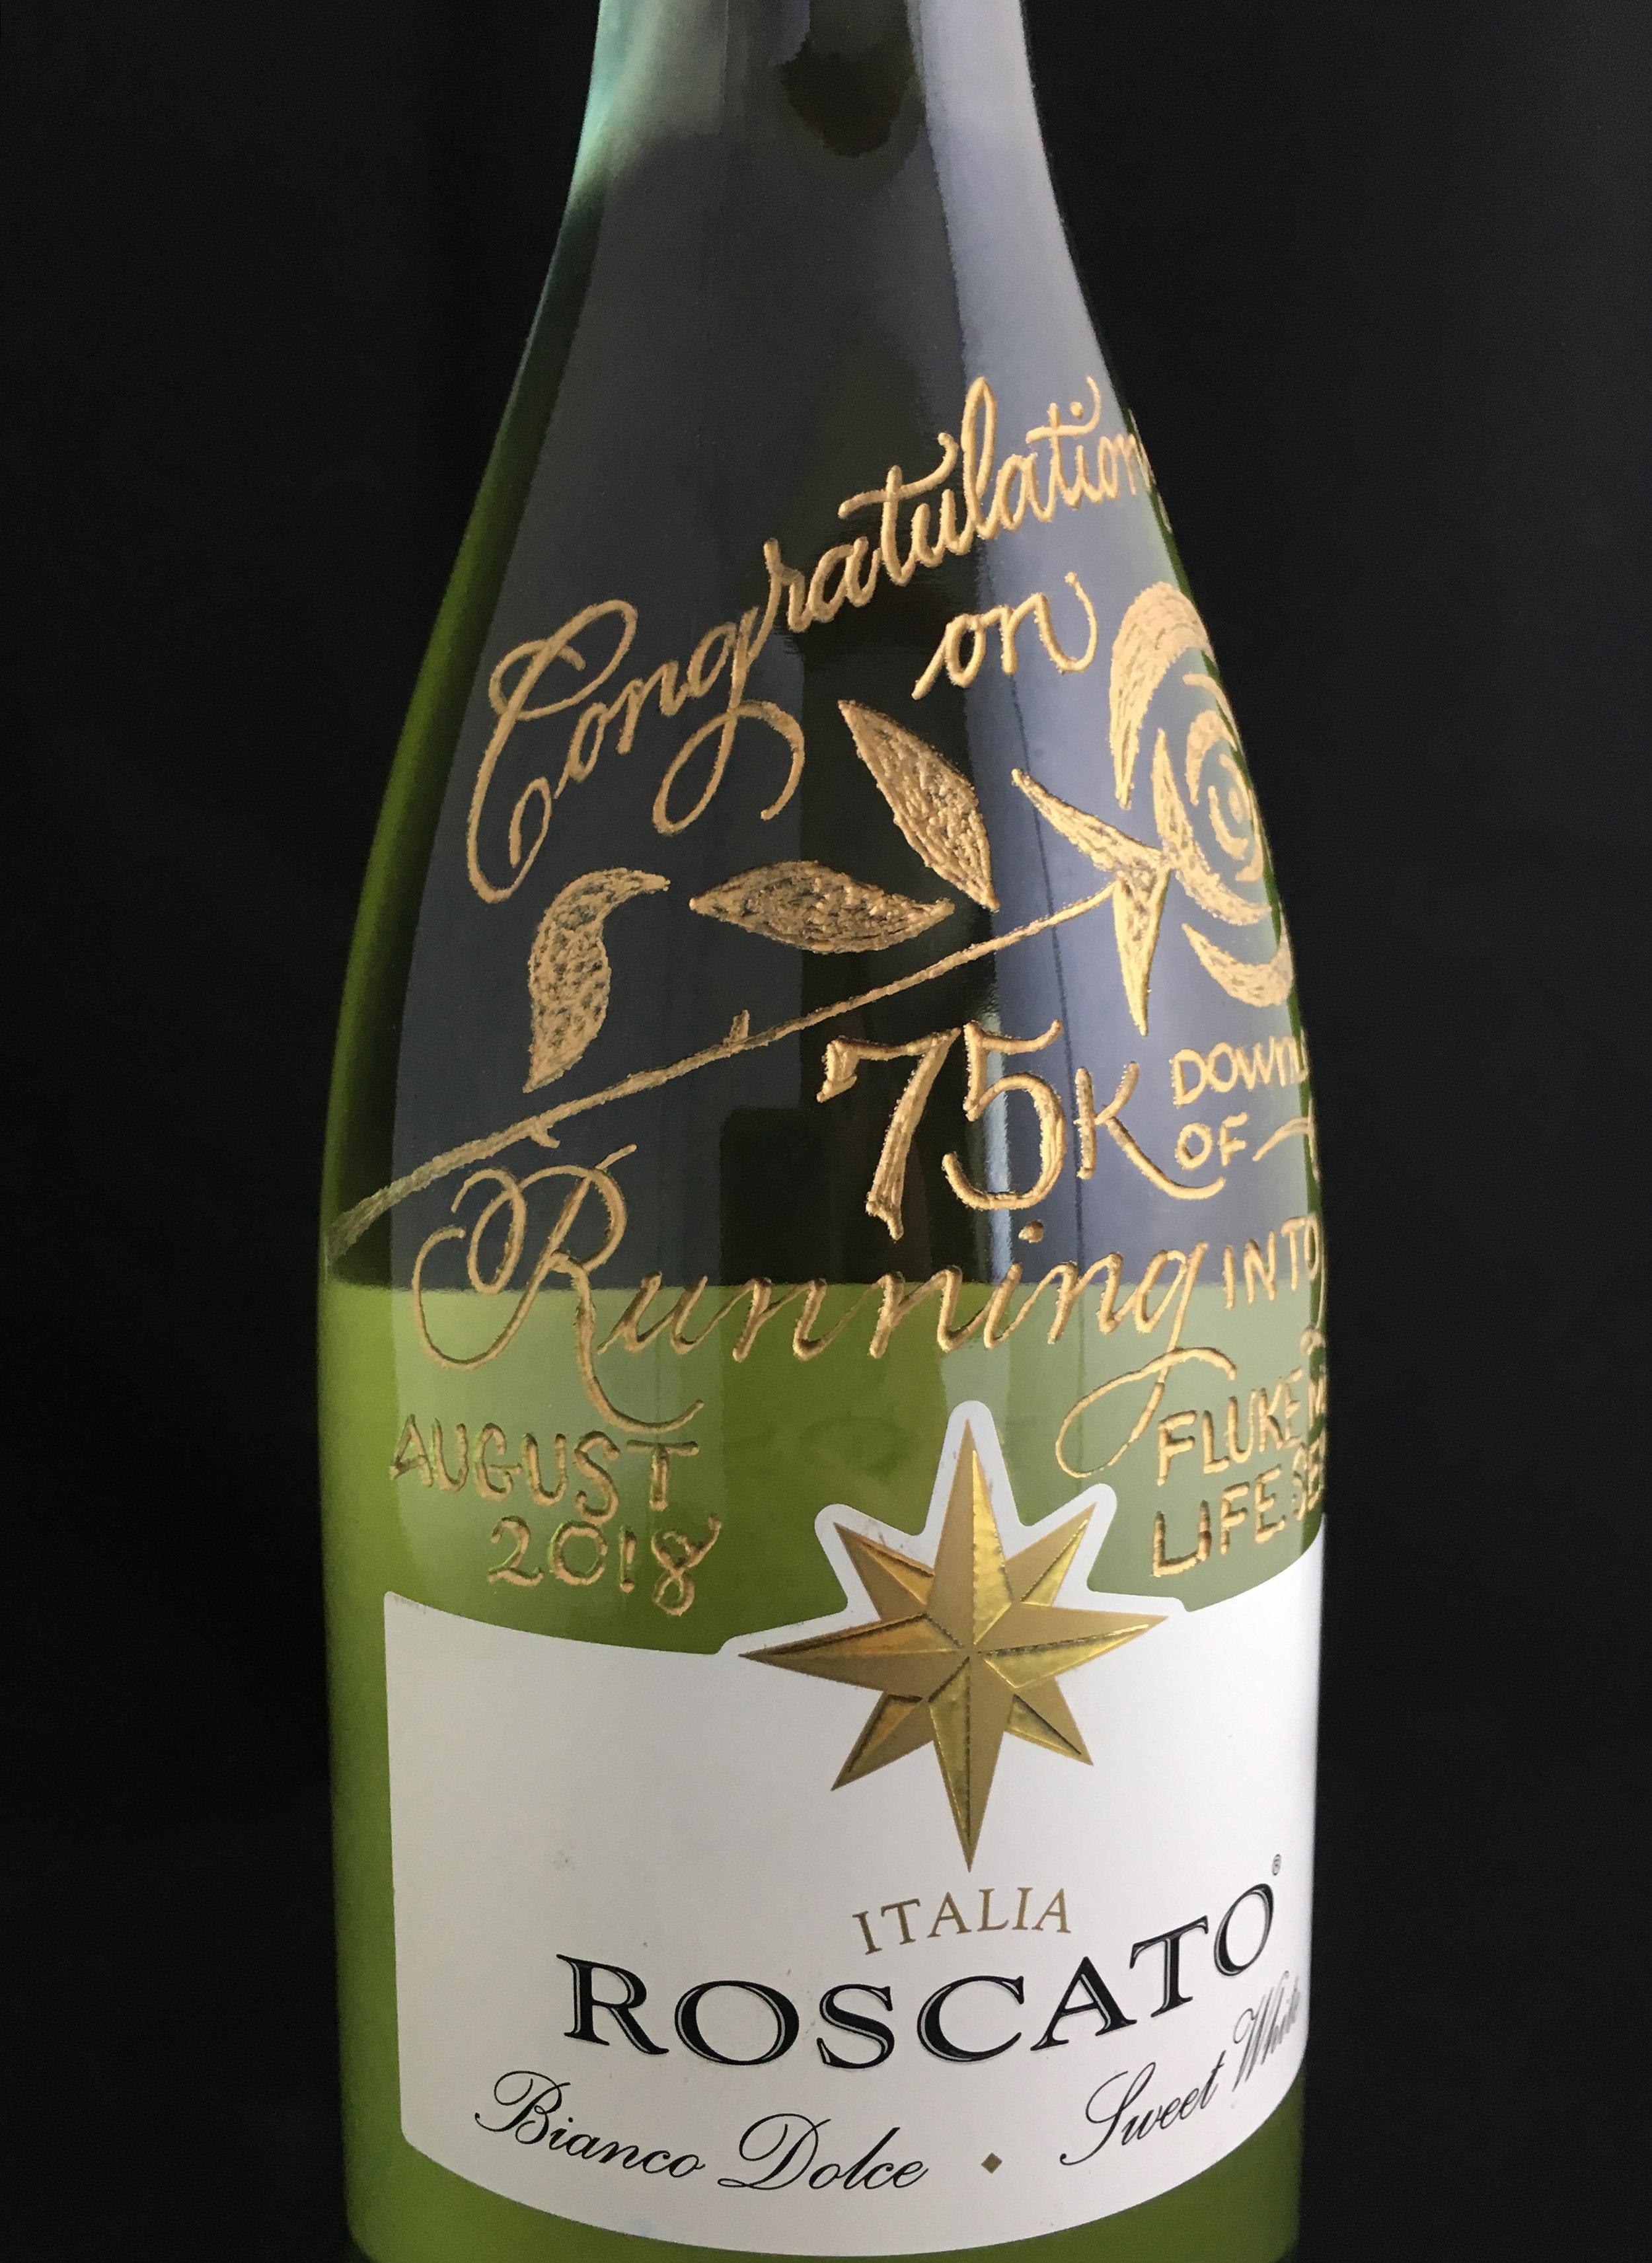 mirandafuller-engraving-wine-ARR-3.jpg